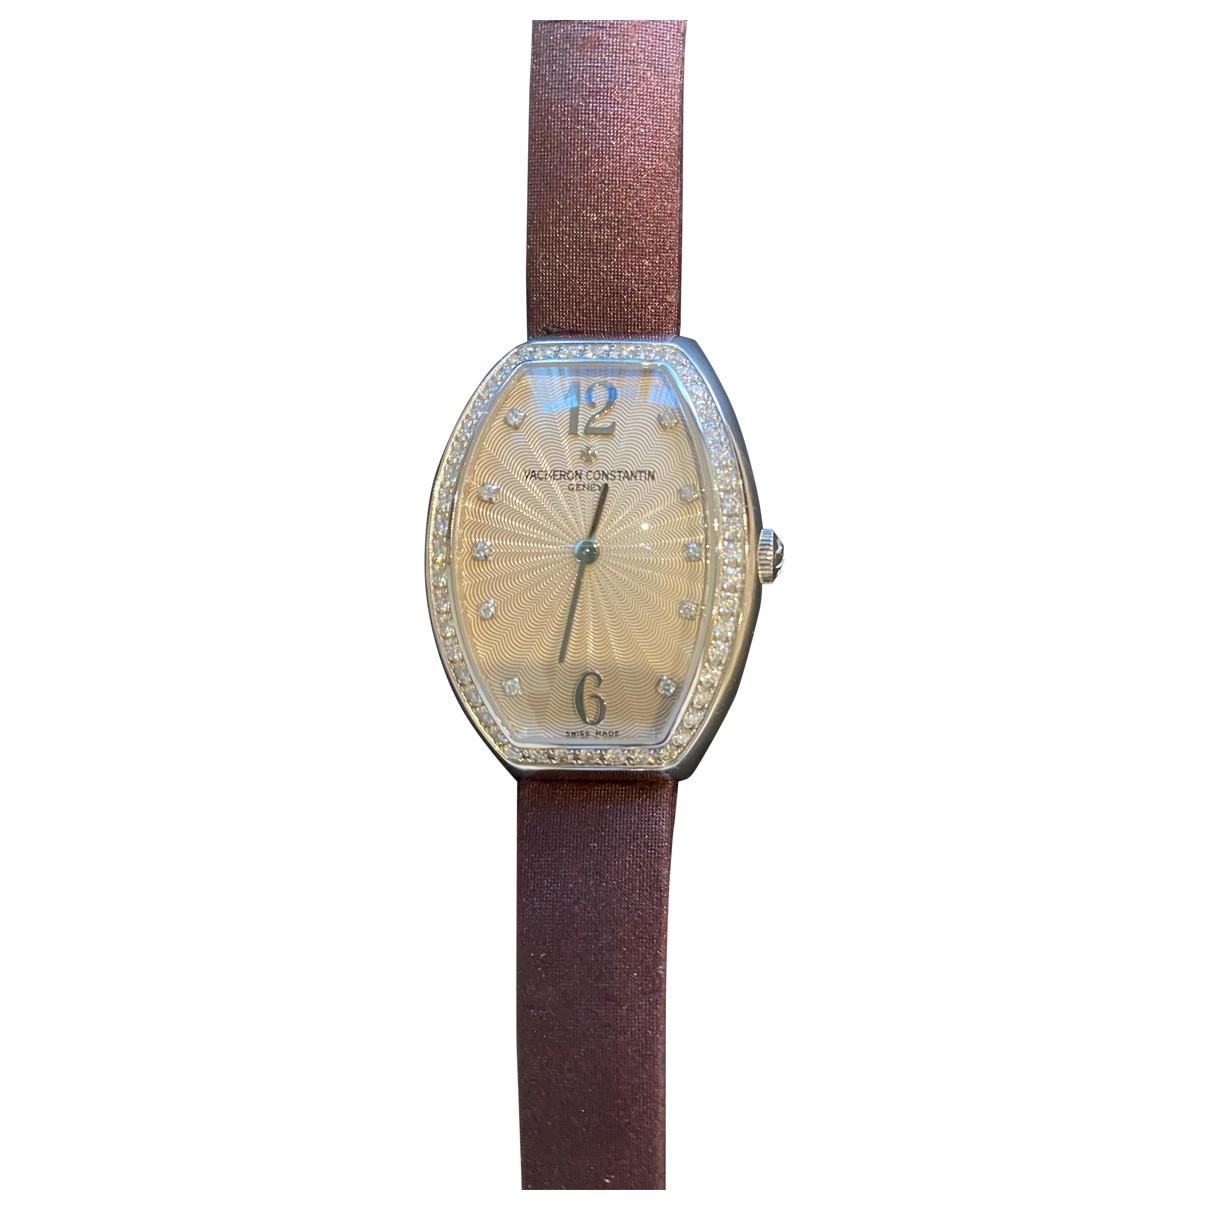 Reloj de Platino Vacheron Constantin